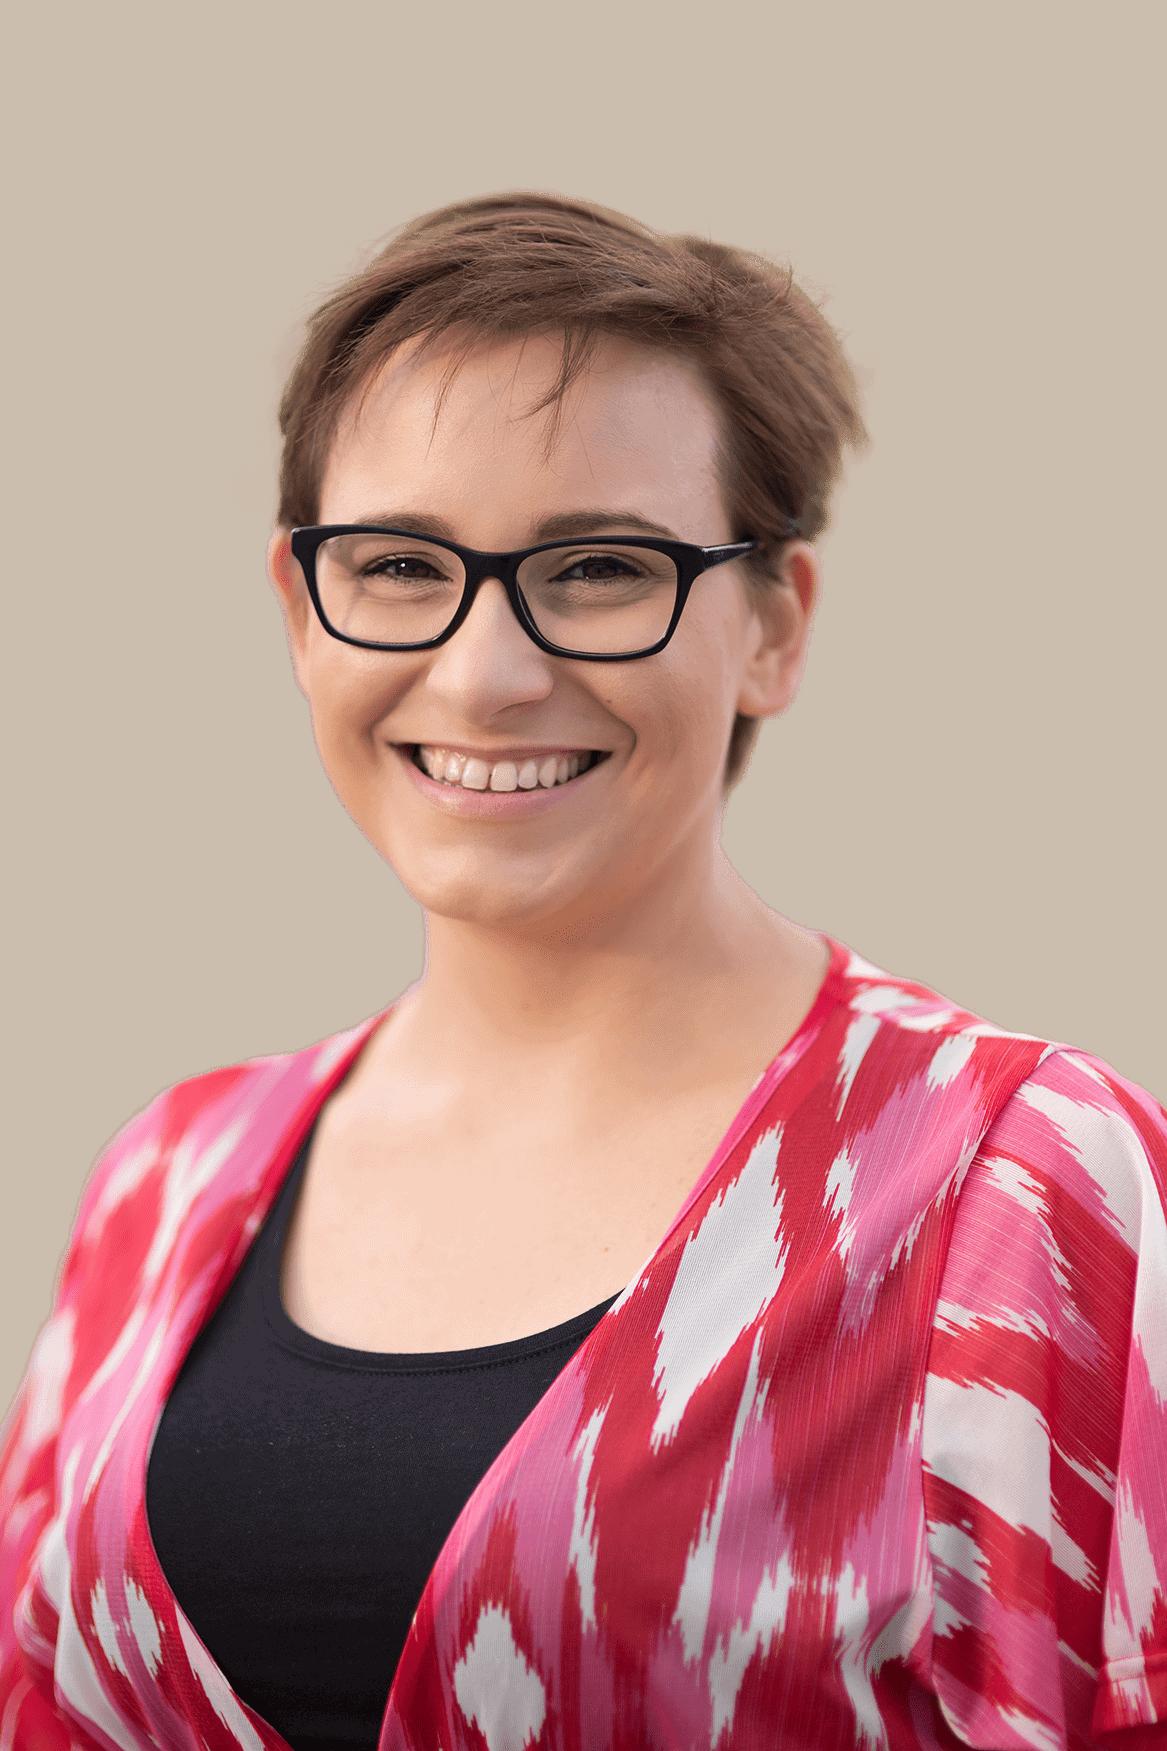 Natascha Wanek Portrait